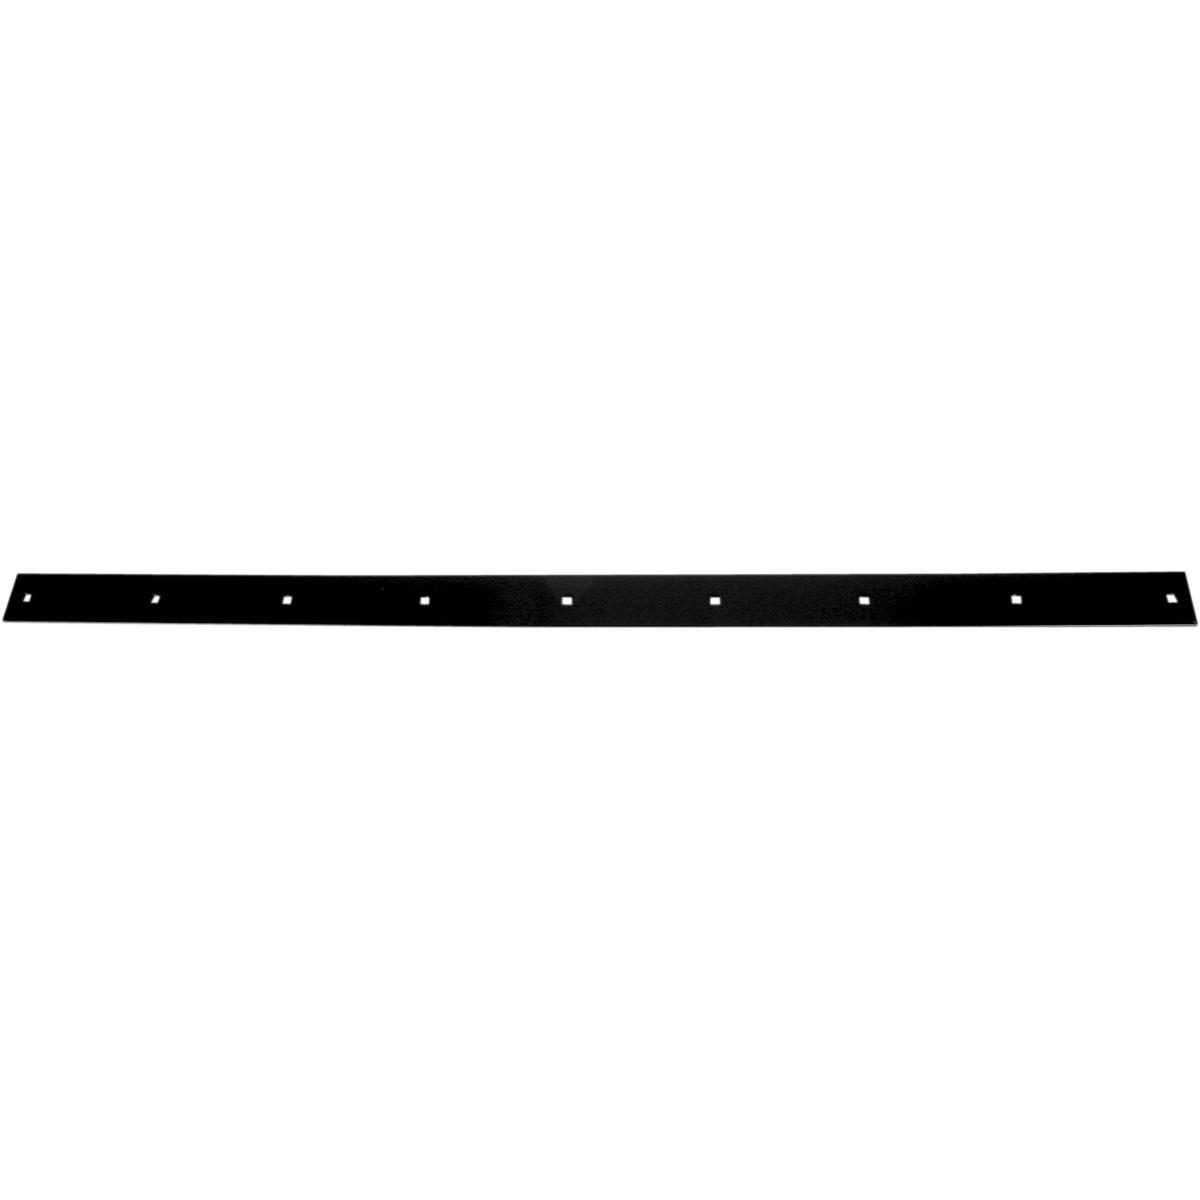 WARN 80608 50' Steel Plow Wear Bar